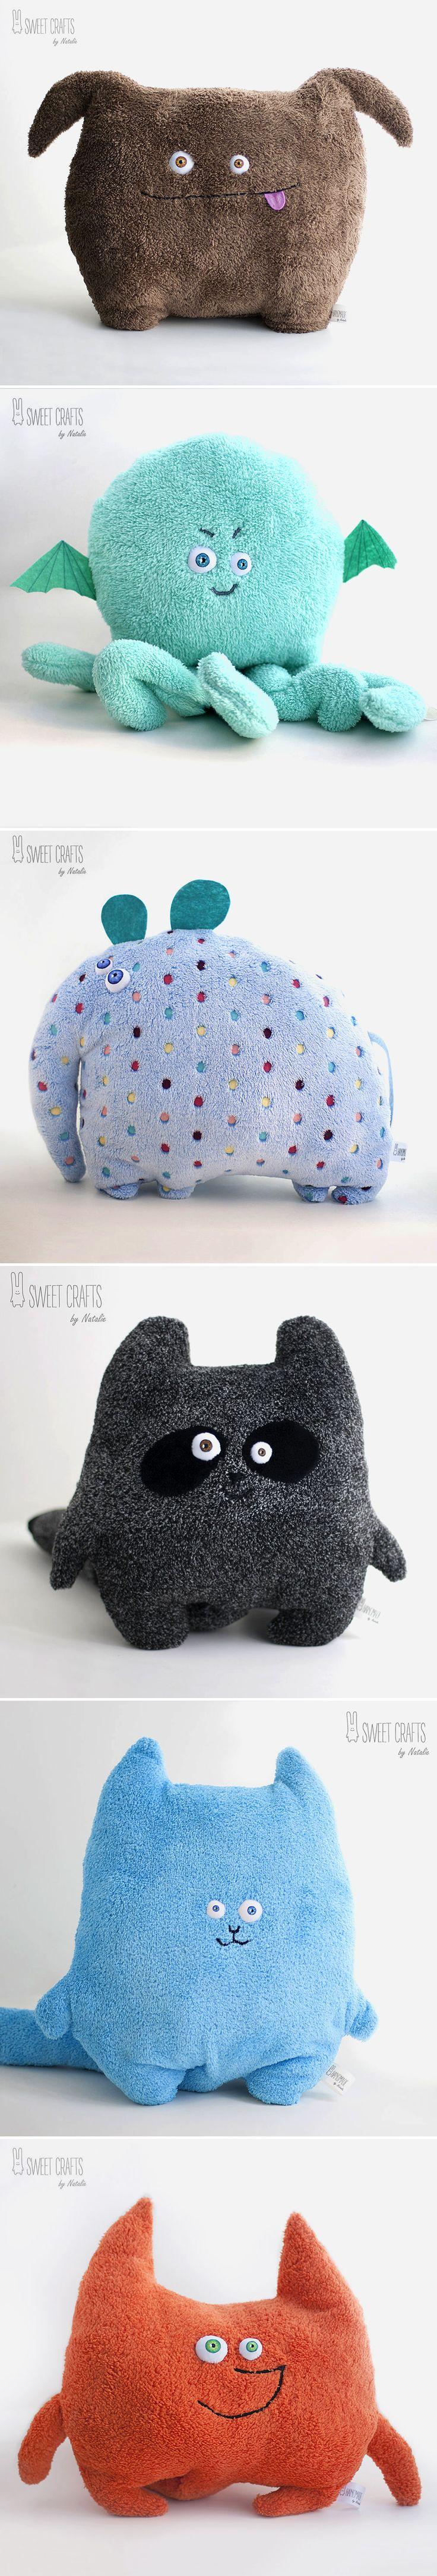 Soft Plush Pillows   Мягкие плюшевые подушки-игрушки — Купить, заказать, подушка, игрушка, животное, плюш